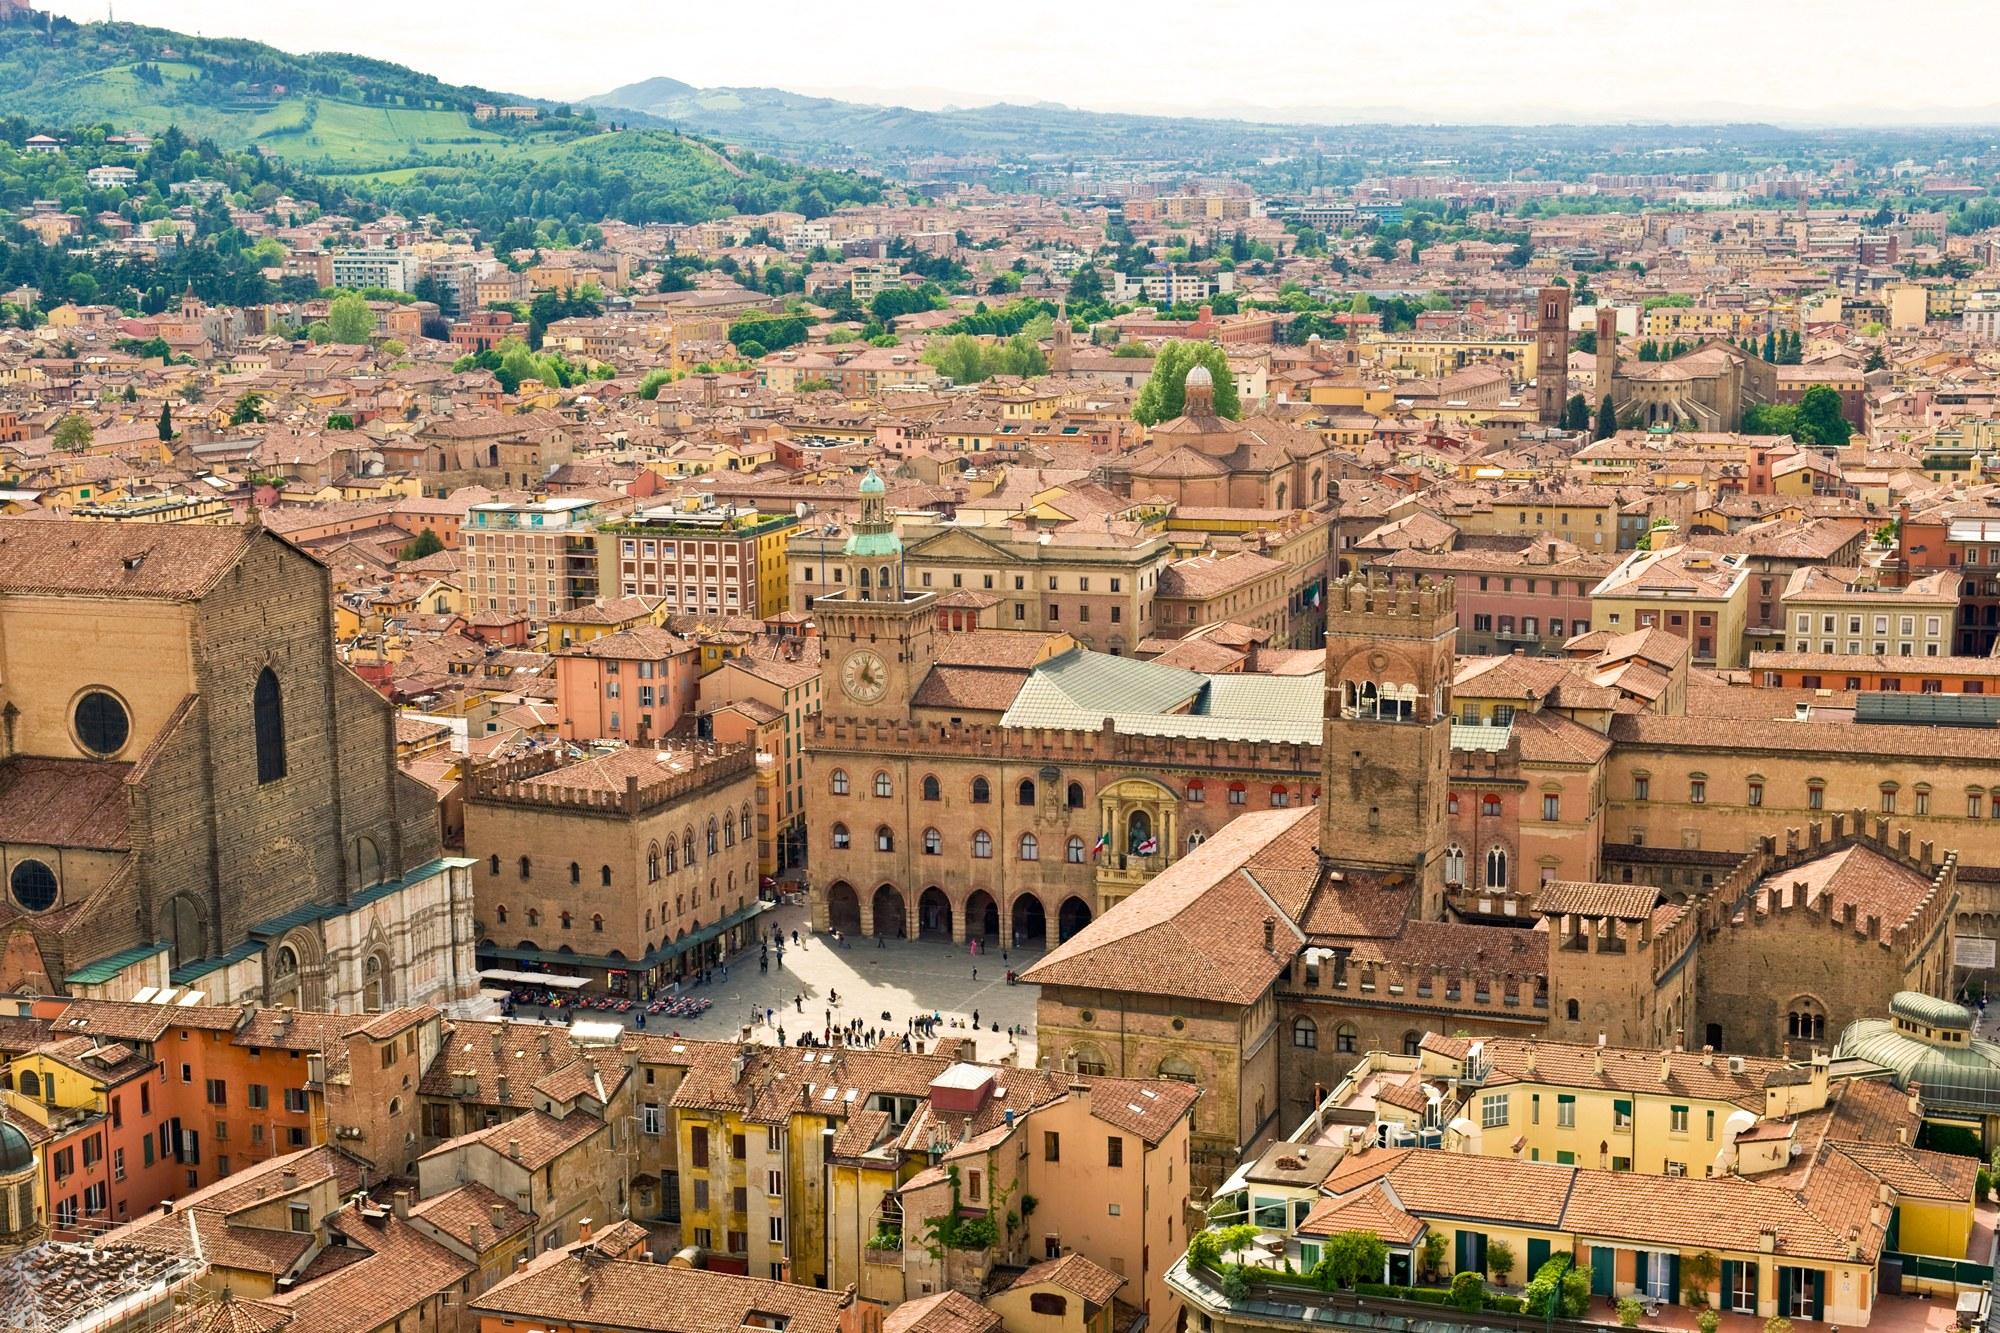 Μπολόνια: Υπάρχουν σημαντικοί λόγοι για να επισκεφτείτε την Ιταλική πόλη